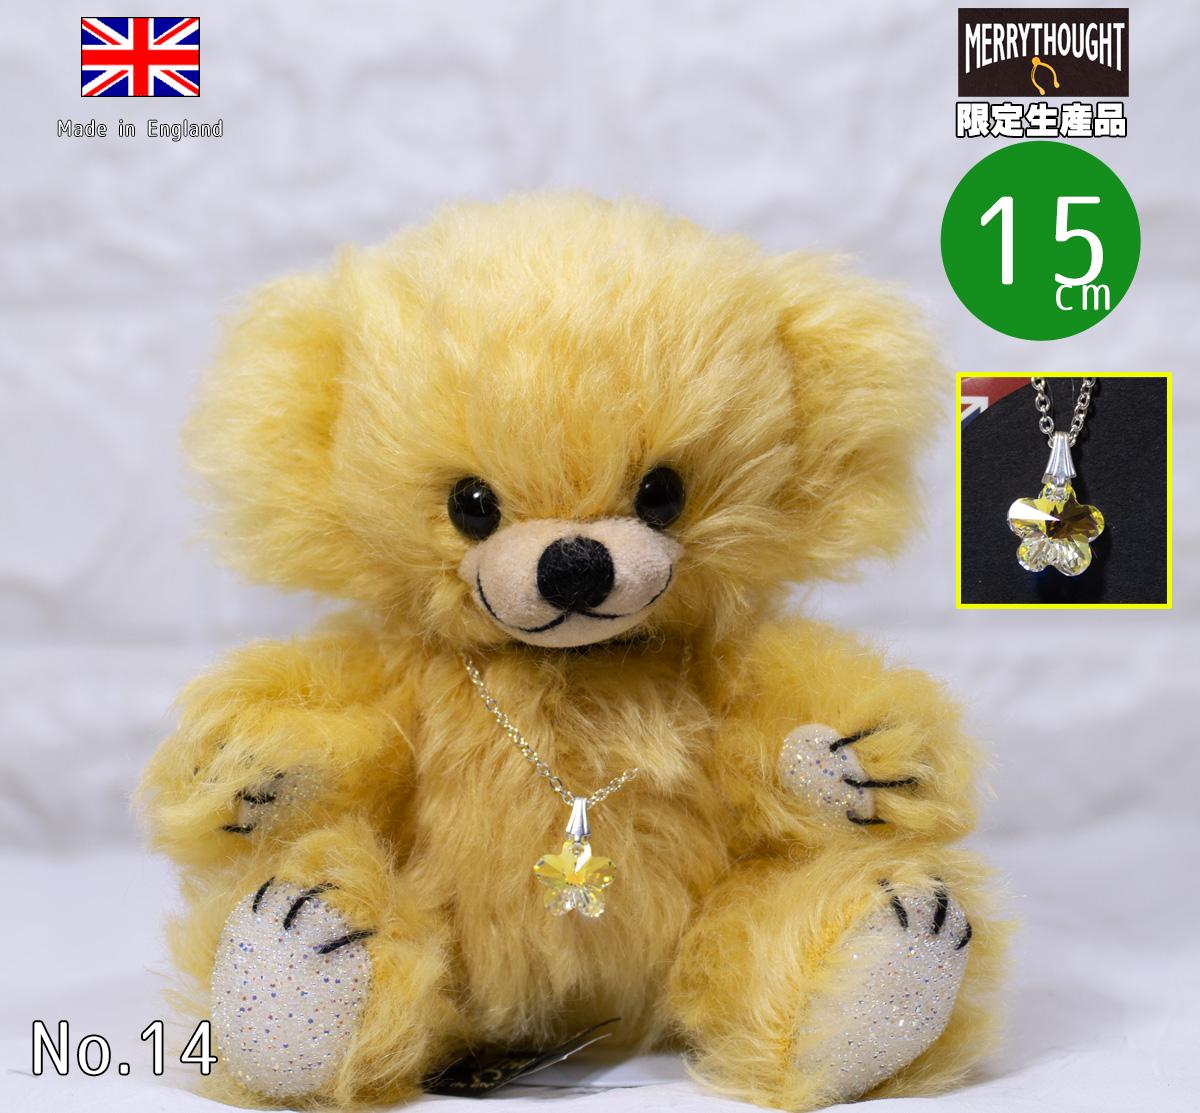 2019年世界限定 チーキークリスタルダイヤモンド 15cm テディベア ぬいぐるみ プレゼント コレクション クリスマス